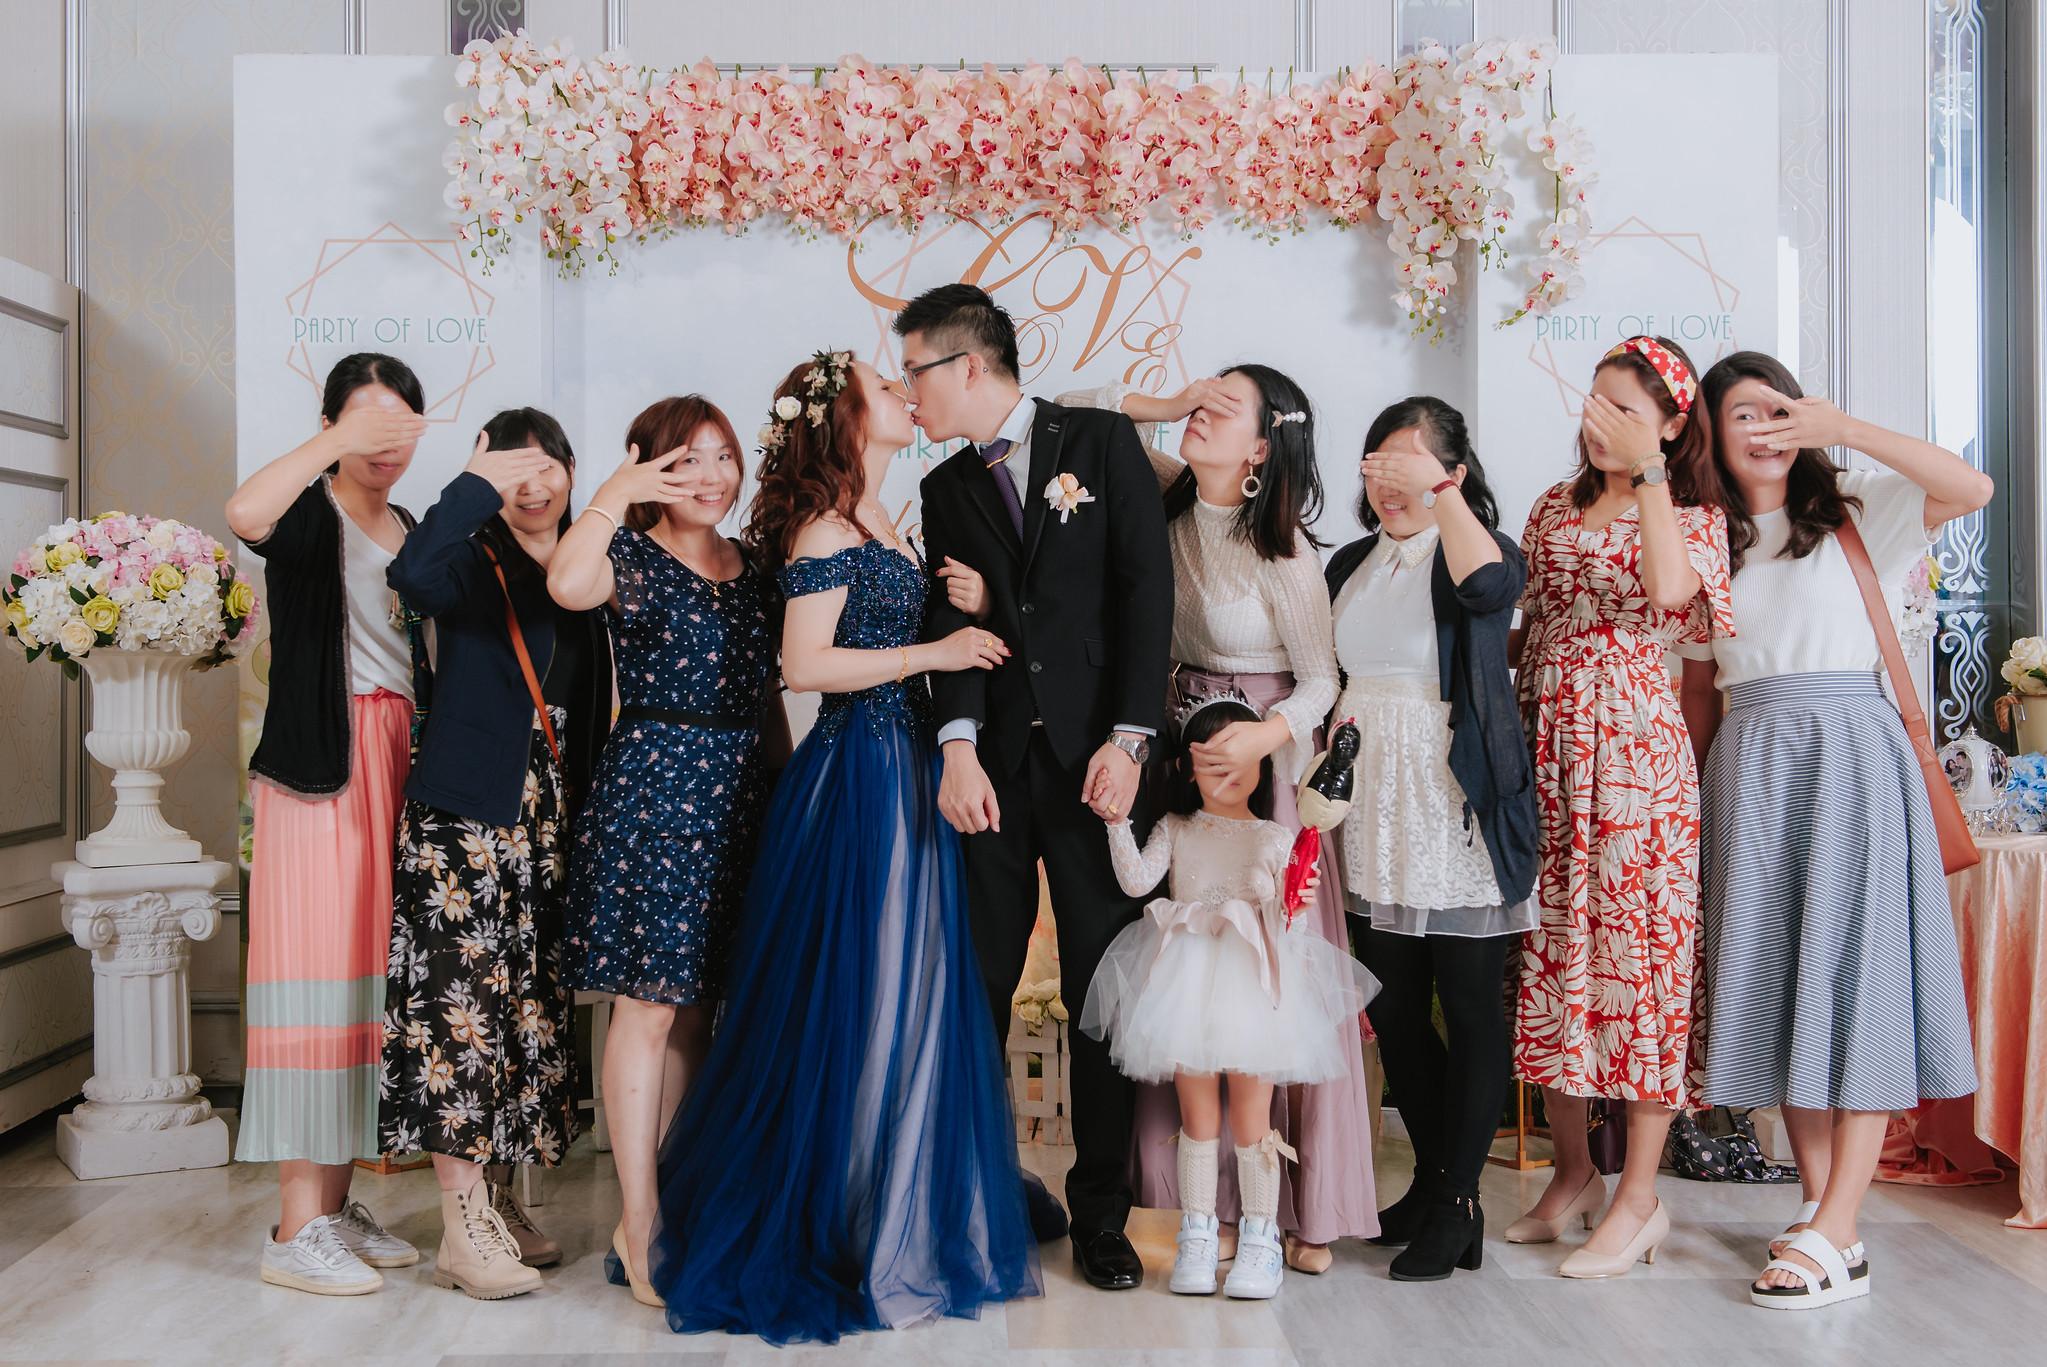 【婚攝合照搶先看】崧甫&巧甄|婚禮攝影|桃園綠光 婚攝推薦05